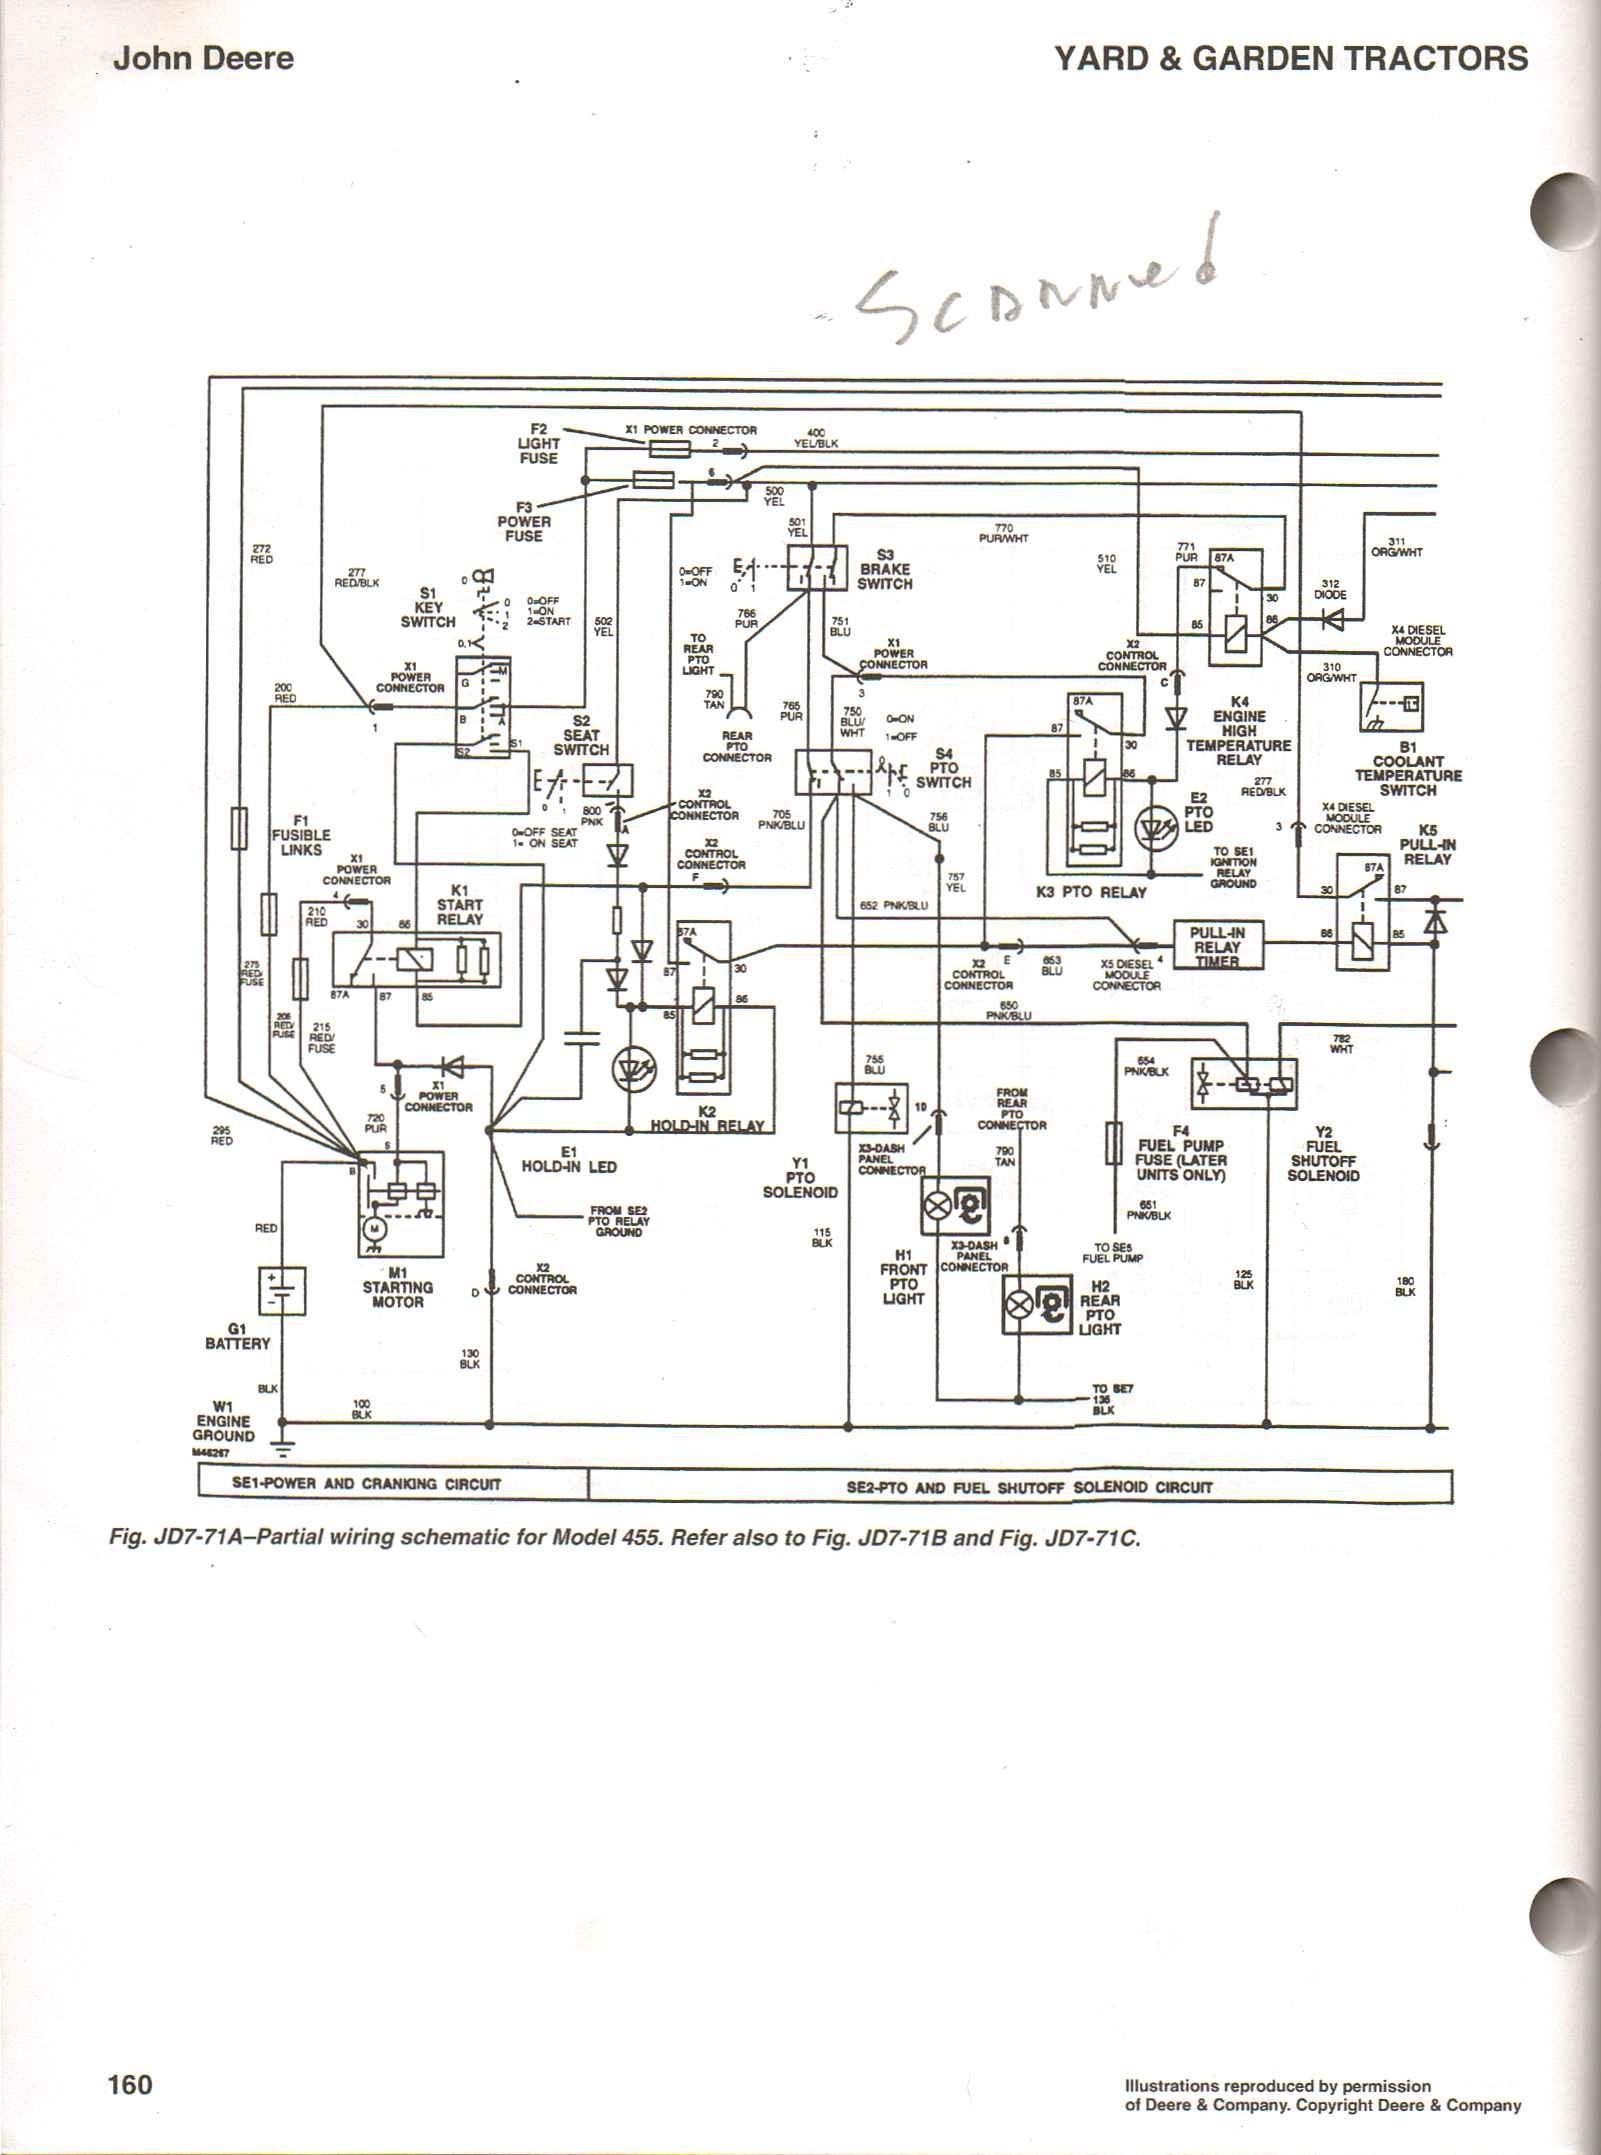 John Deere D140 Electrical Schematic John Deere La105 Wiring Schematic Wiring Diagram Of John Deere D140 Electrical Schematic